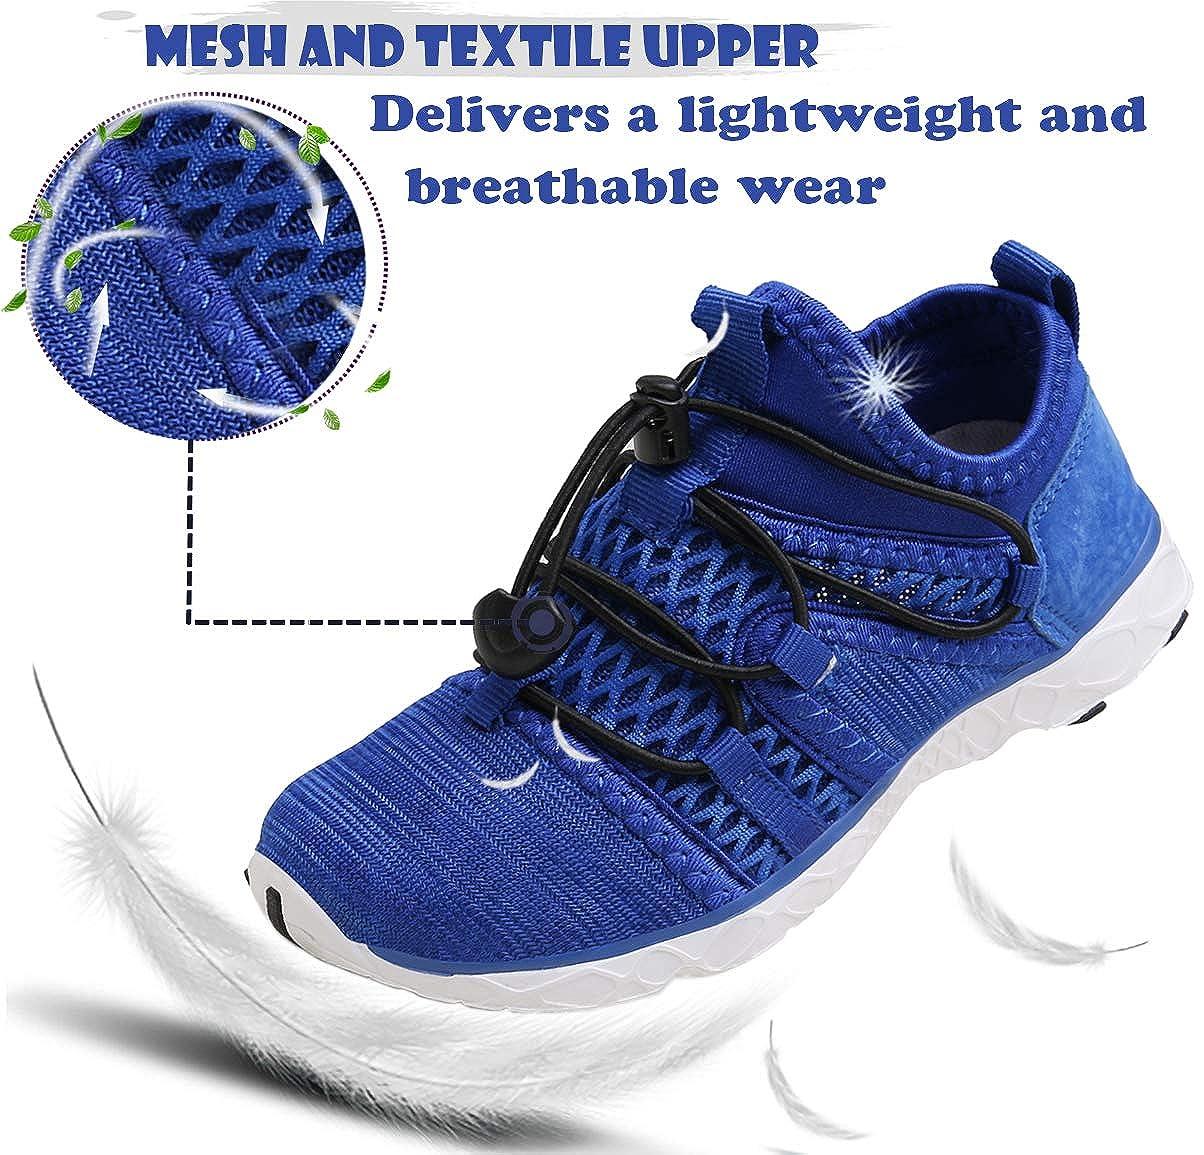 Gaatpot Aqua Escarpines Zapatos para Unisex Ni/ños Zapatillas Ba/ño Deportivas de Agua Playa y Piscina Calzado de Atletismo Sandalia de Verano